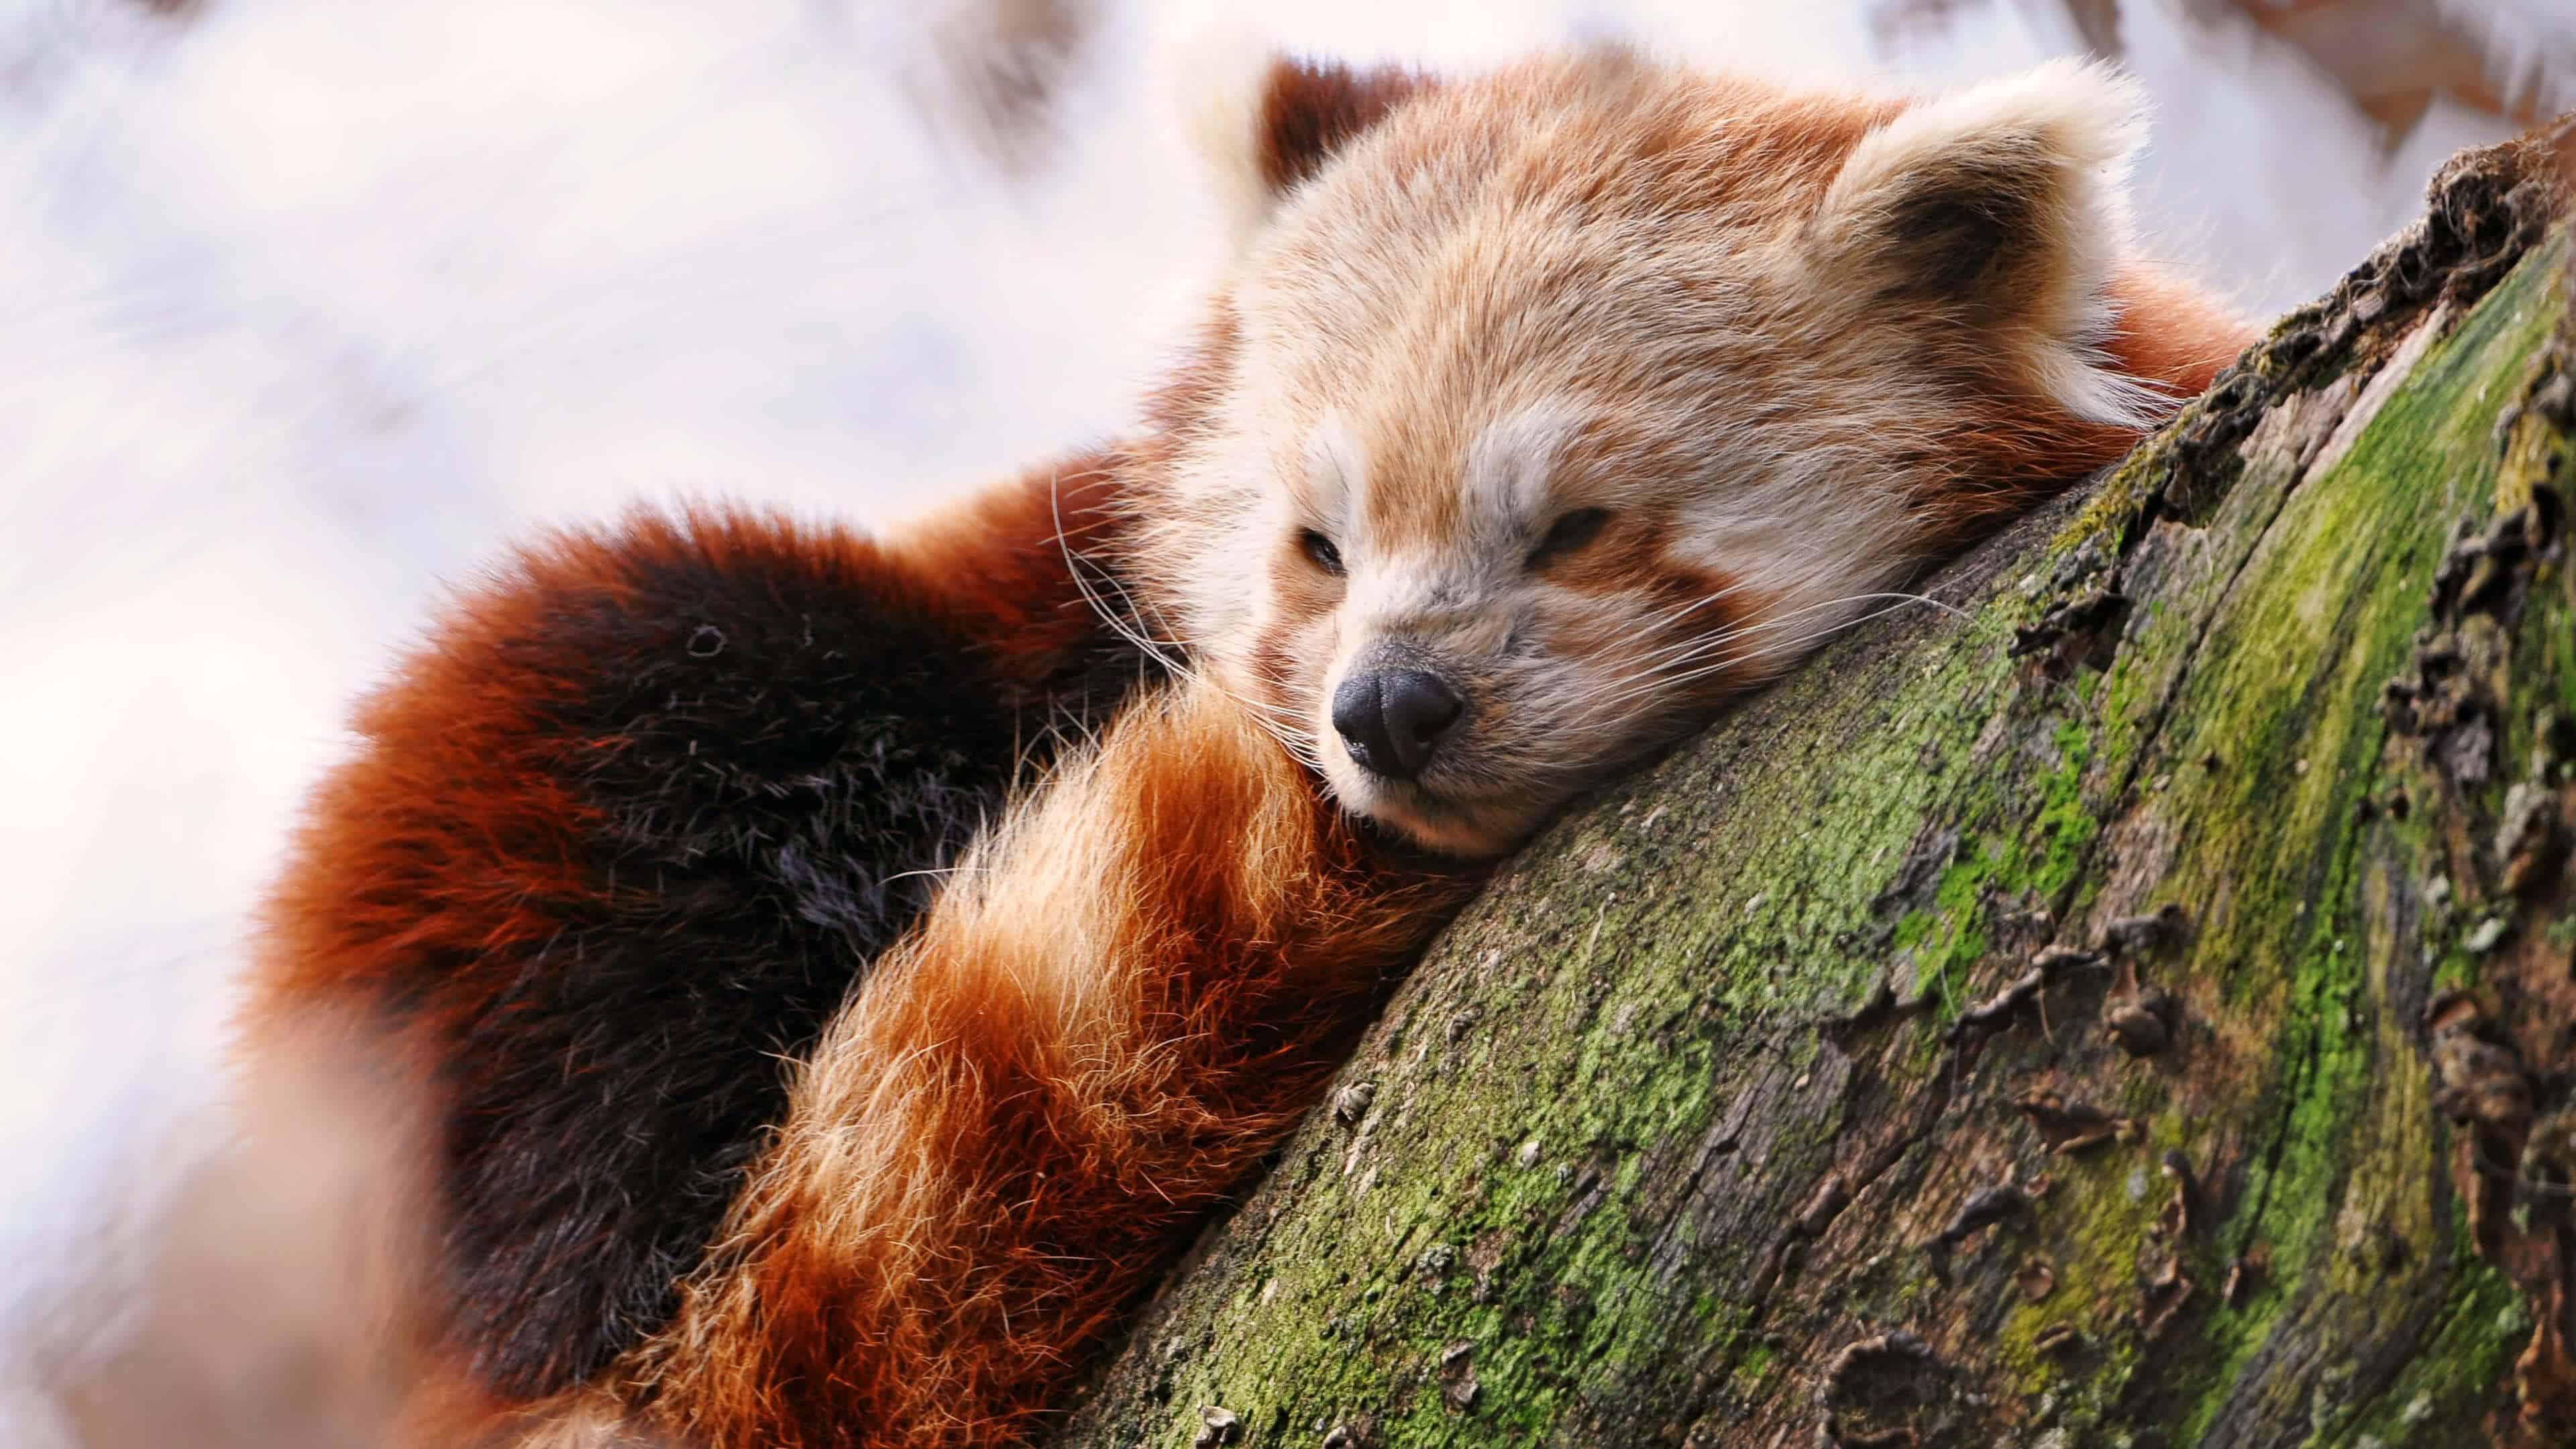 baby red panda uhd 4k wallpaper | pixelz